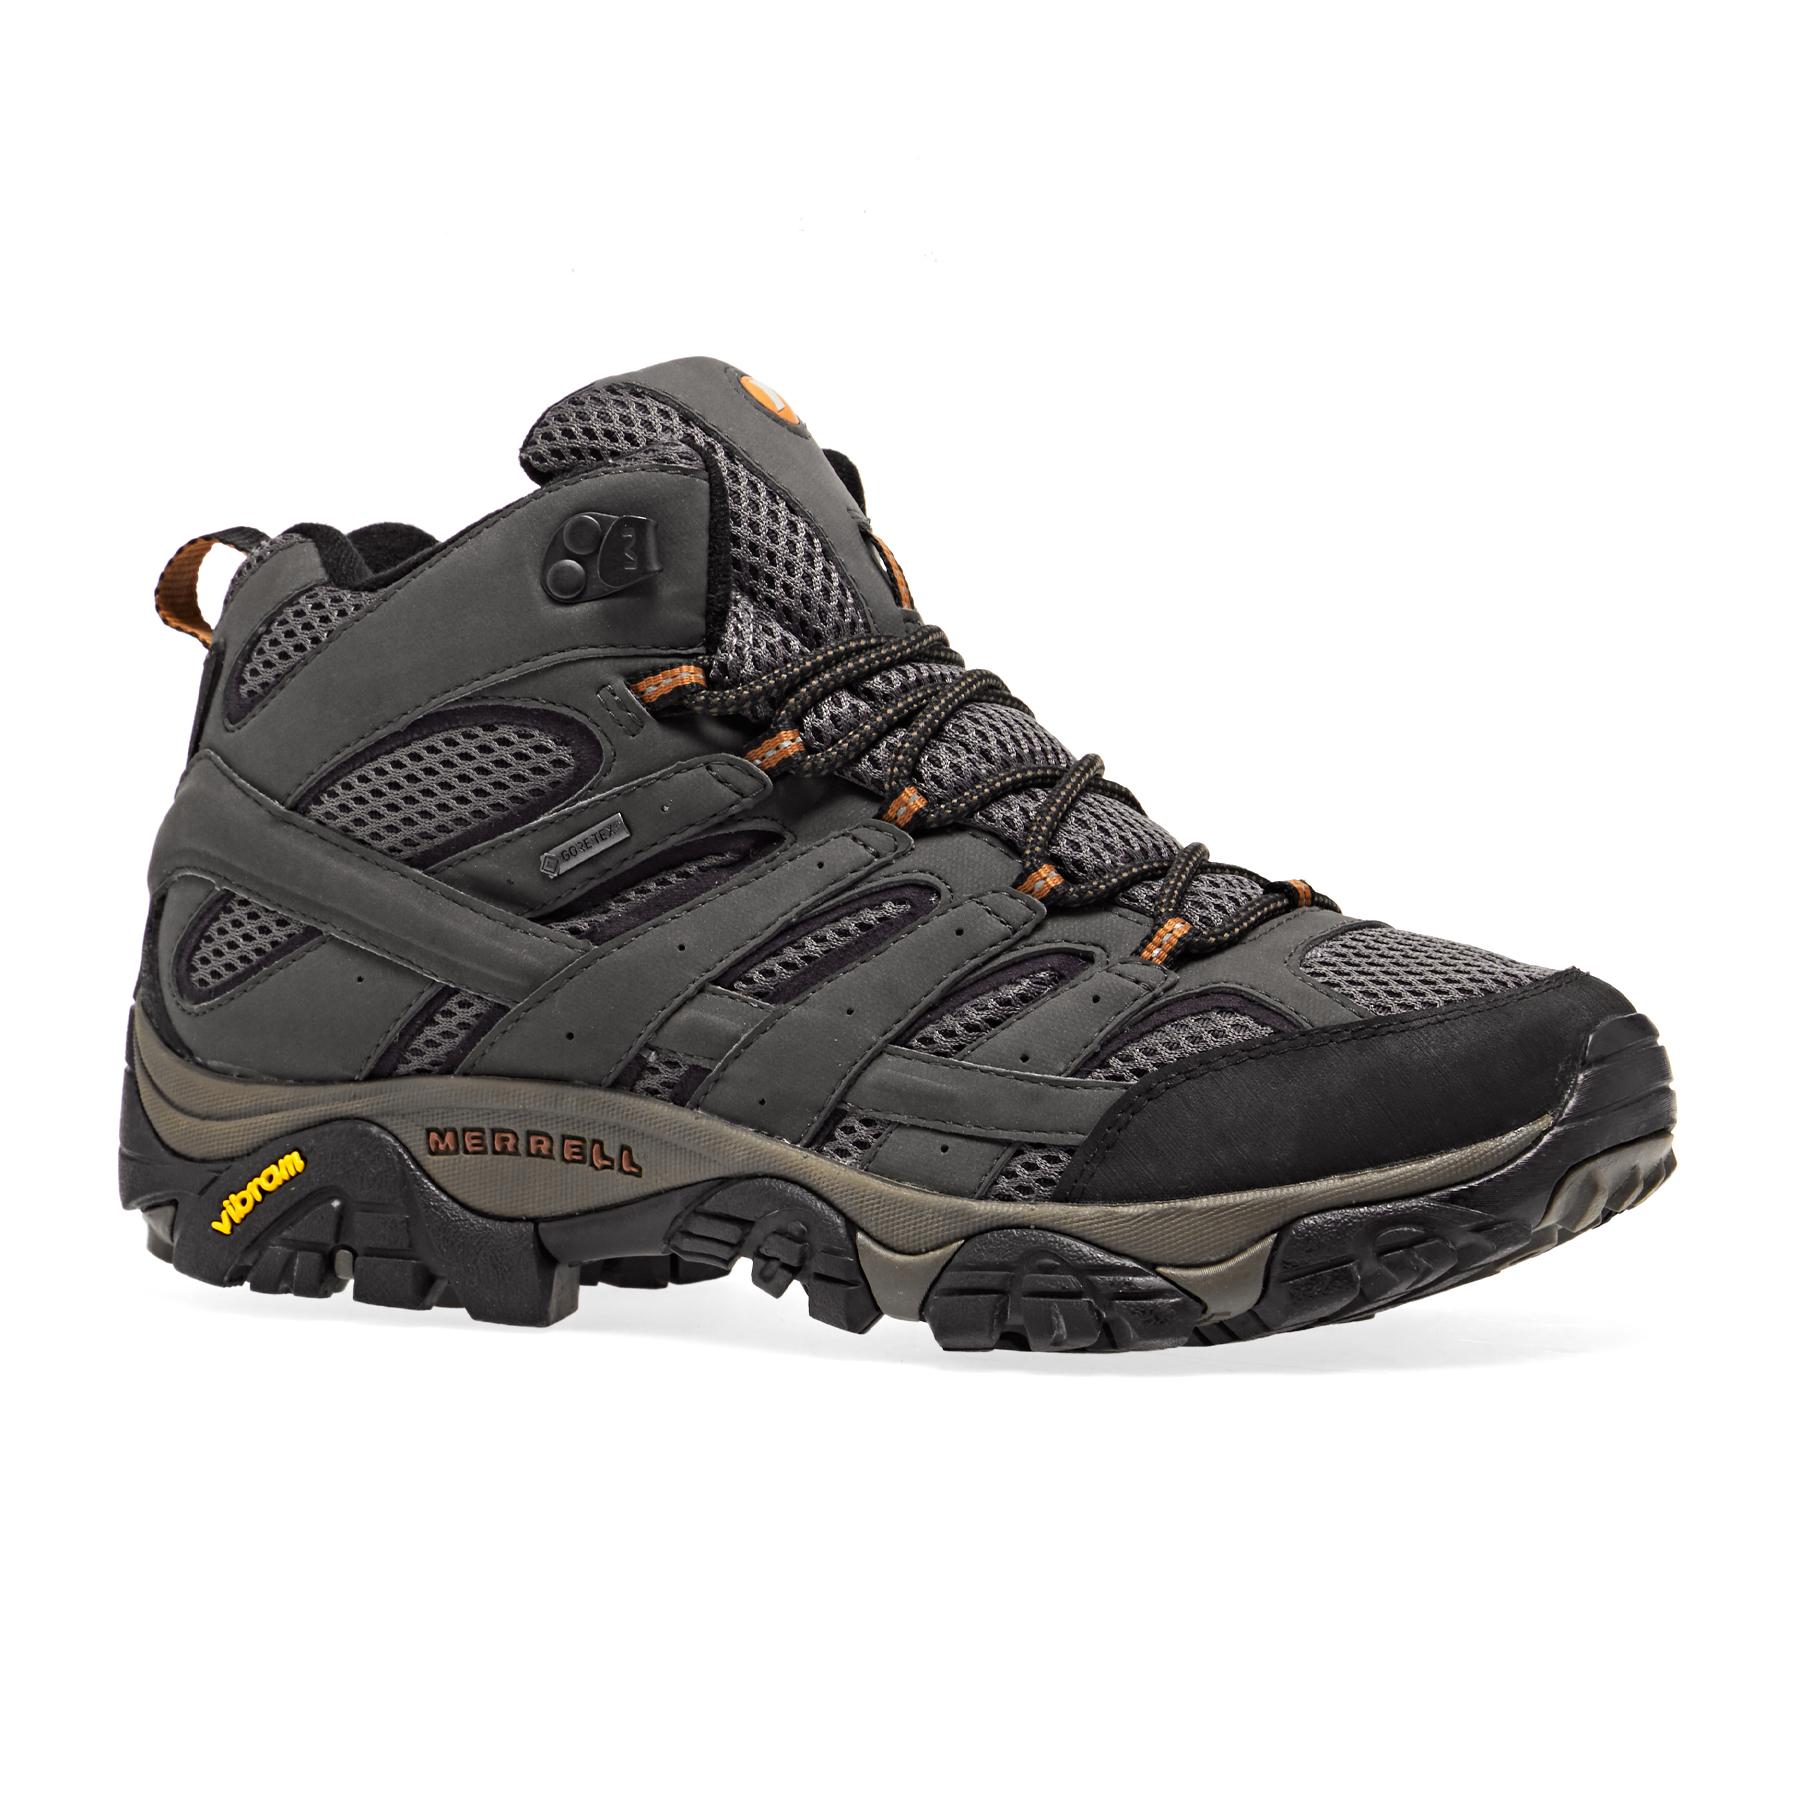 merrell moab gore tex boots 10